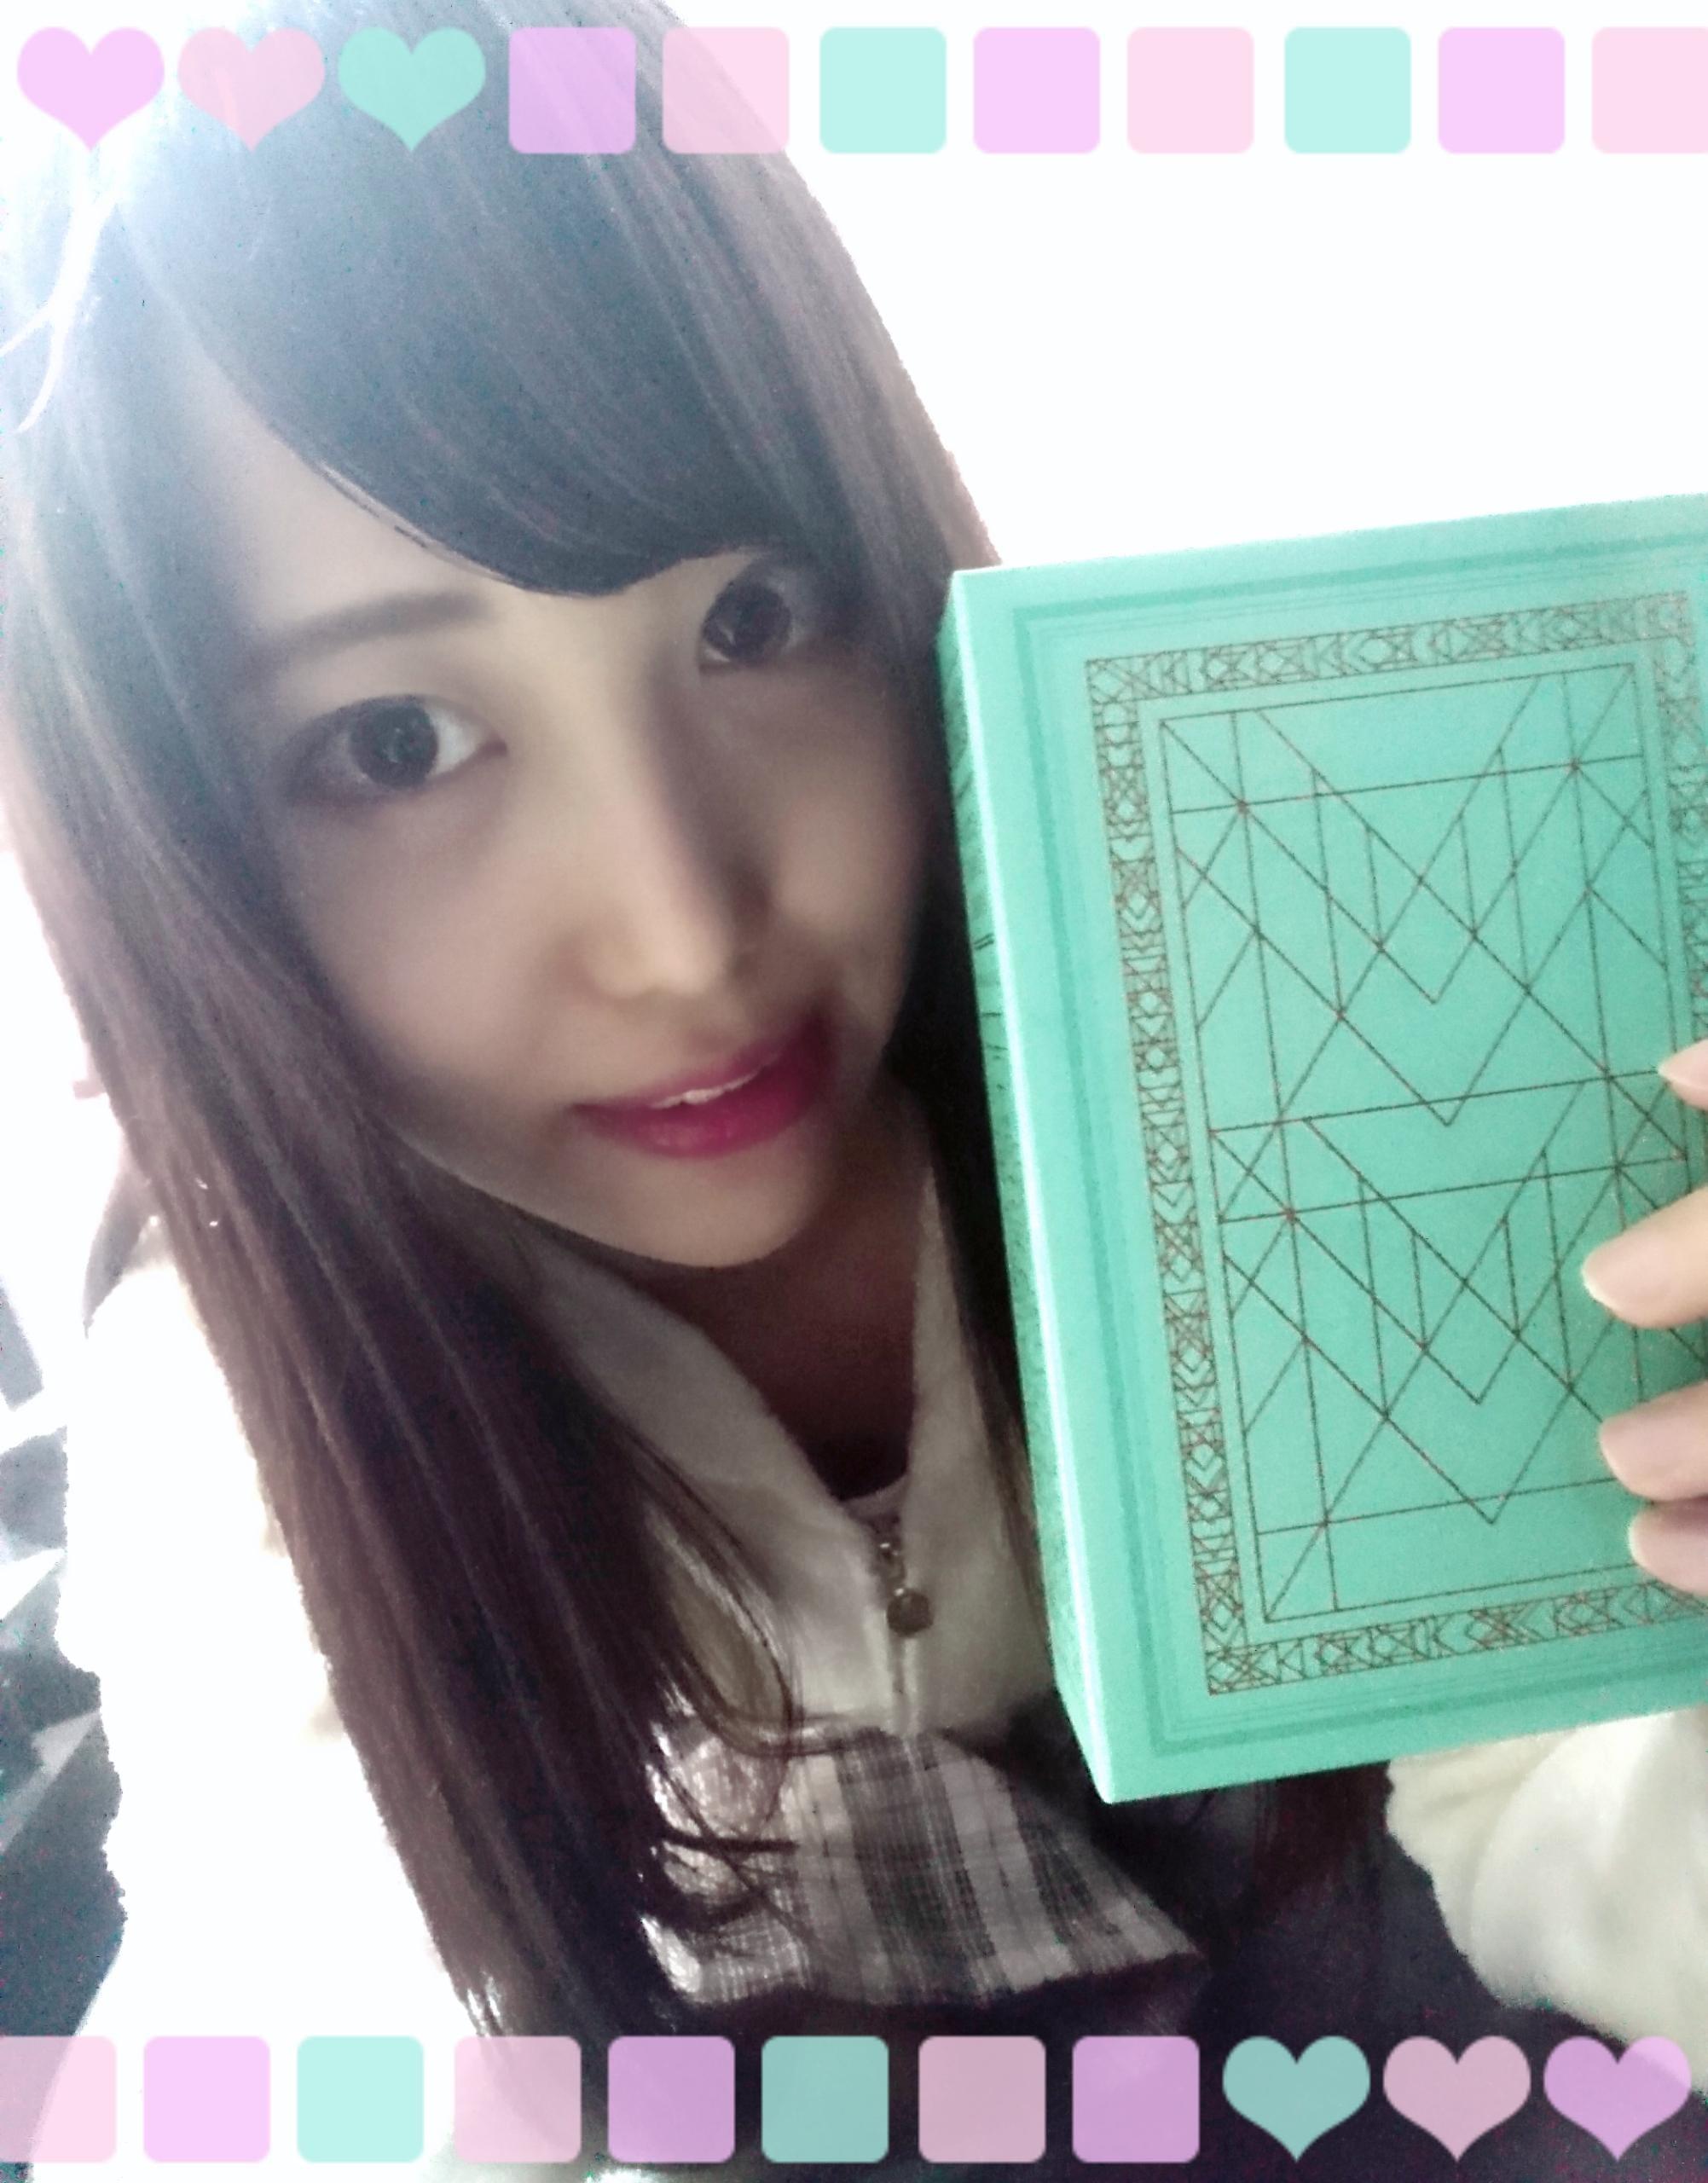 「ディナー?」01/06(日) 17:11 | 梨里花(リリカ)の写メ・風俗動画